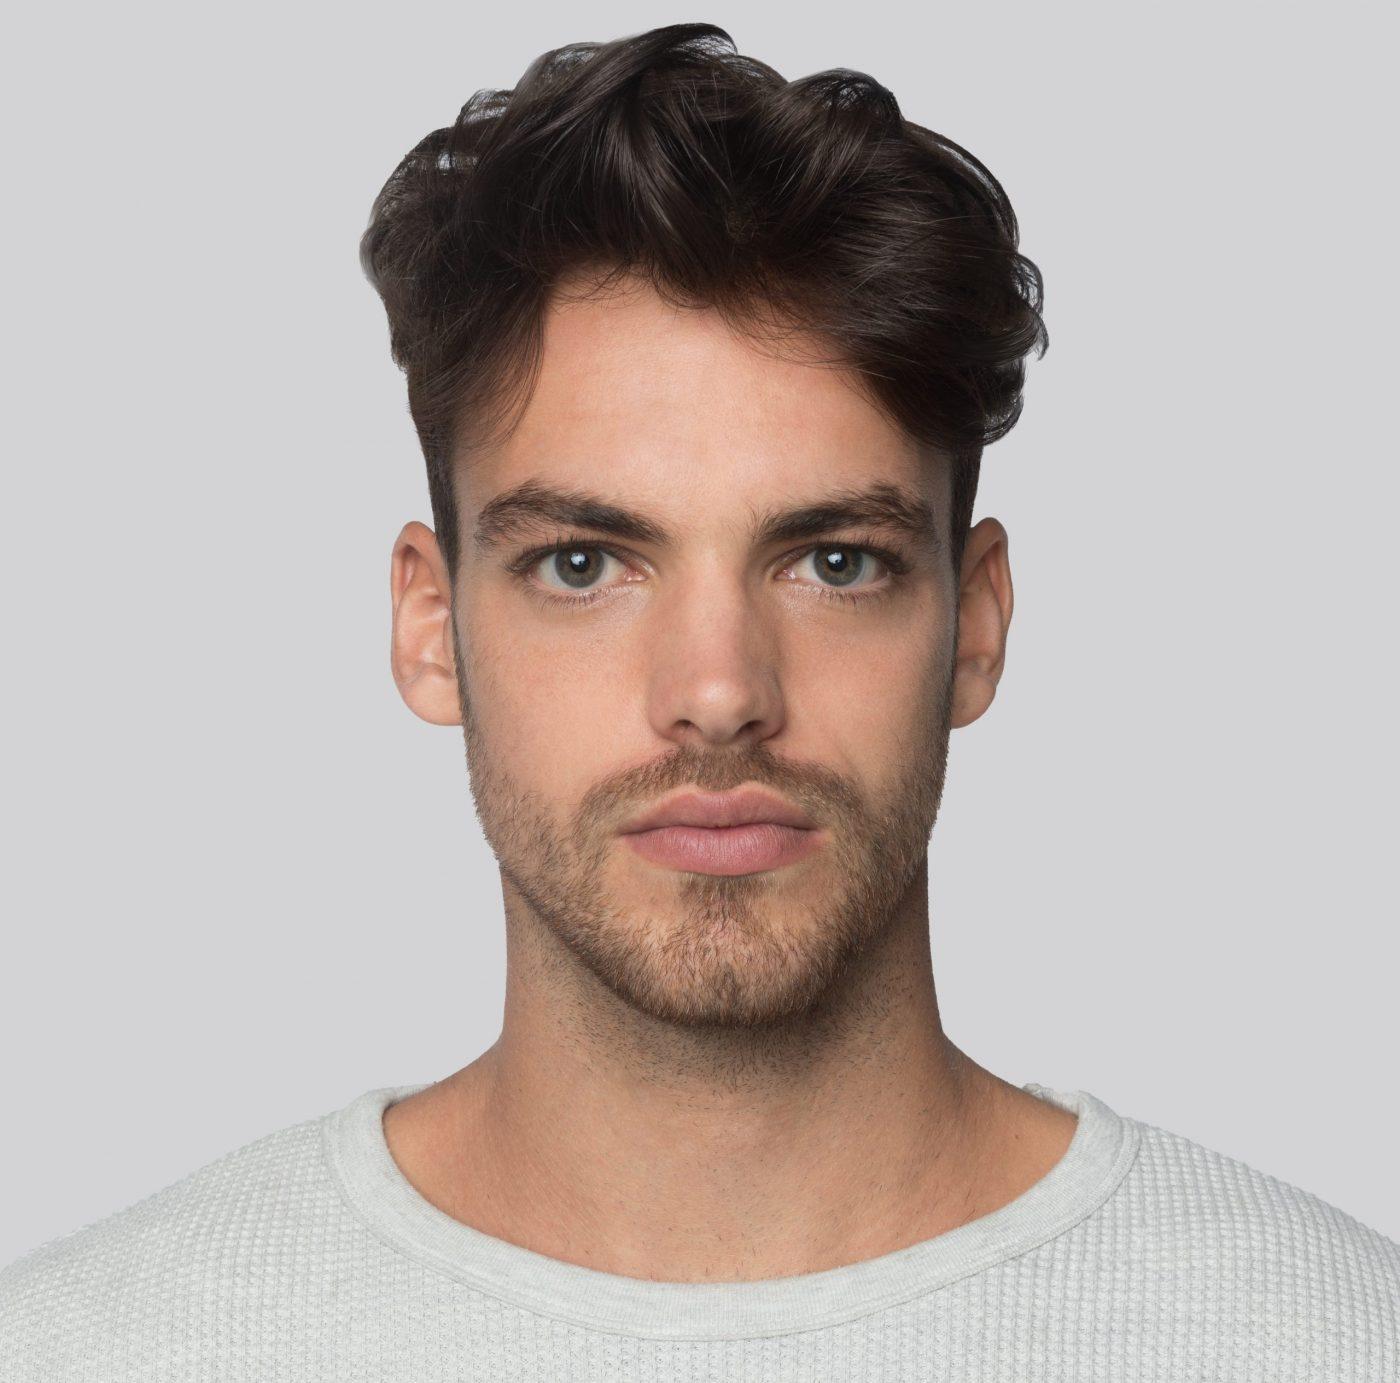 HAIR MESSY MEN 1